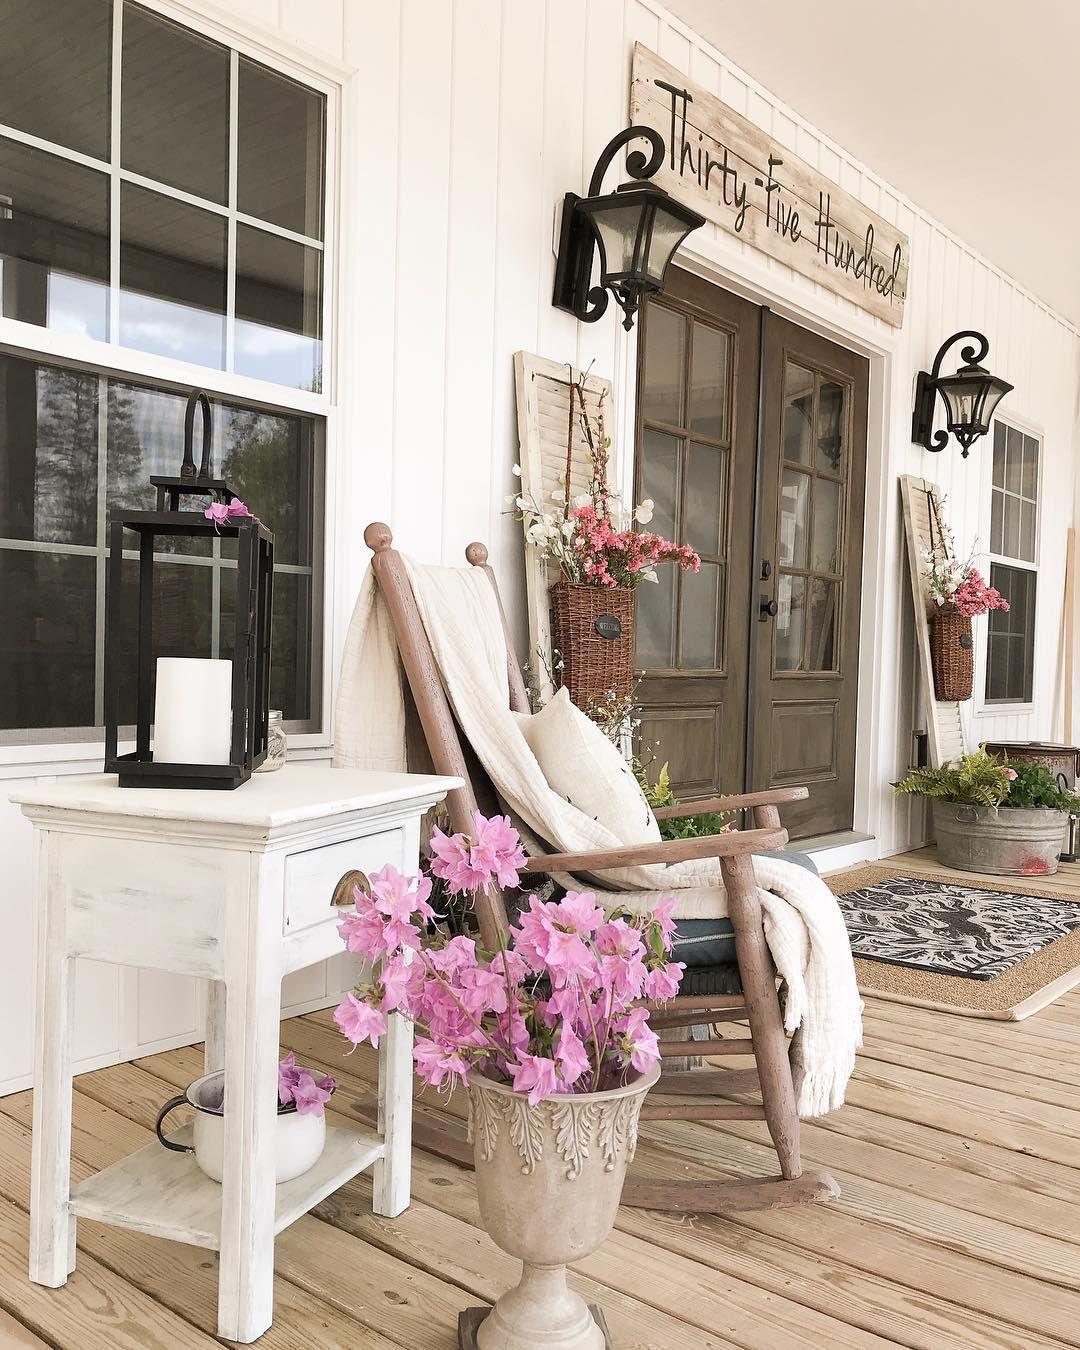 Awe Inspiring Rachels Designs Diy Style On Instagram Porch Sitting Short Links Chair Design For Home Short Linksinfo